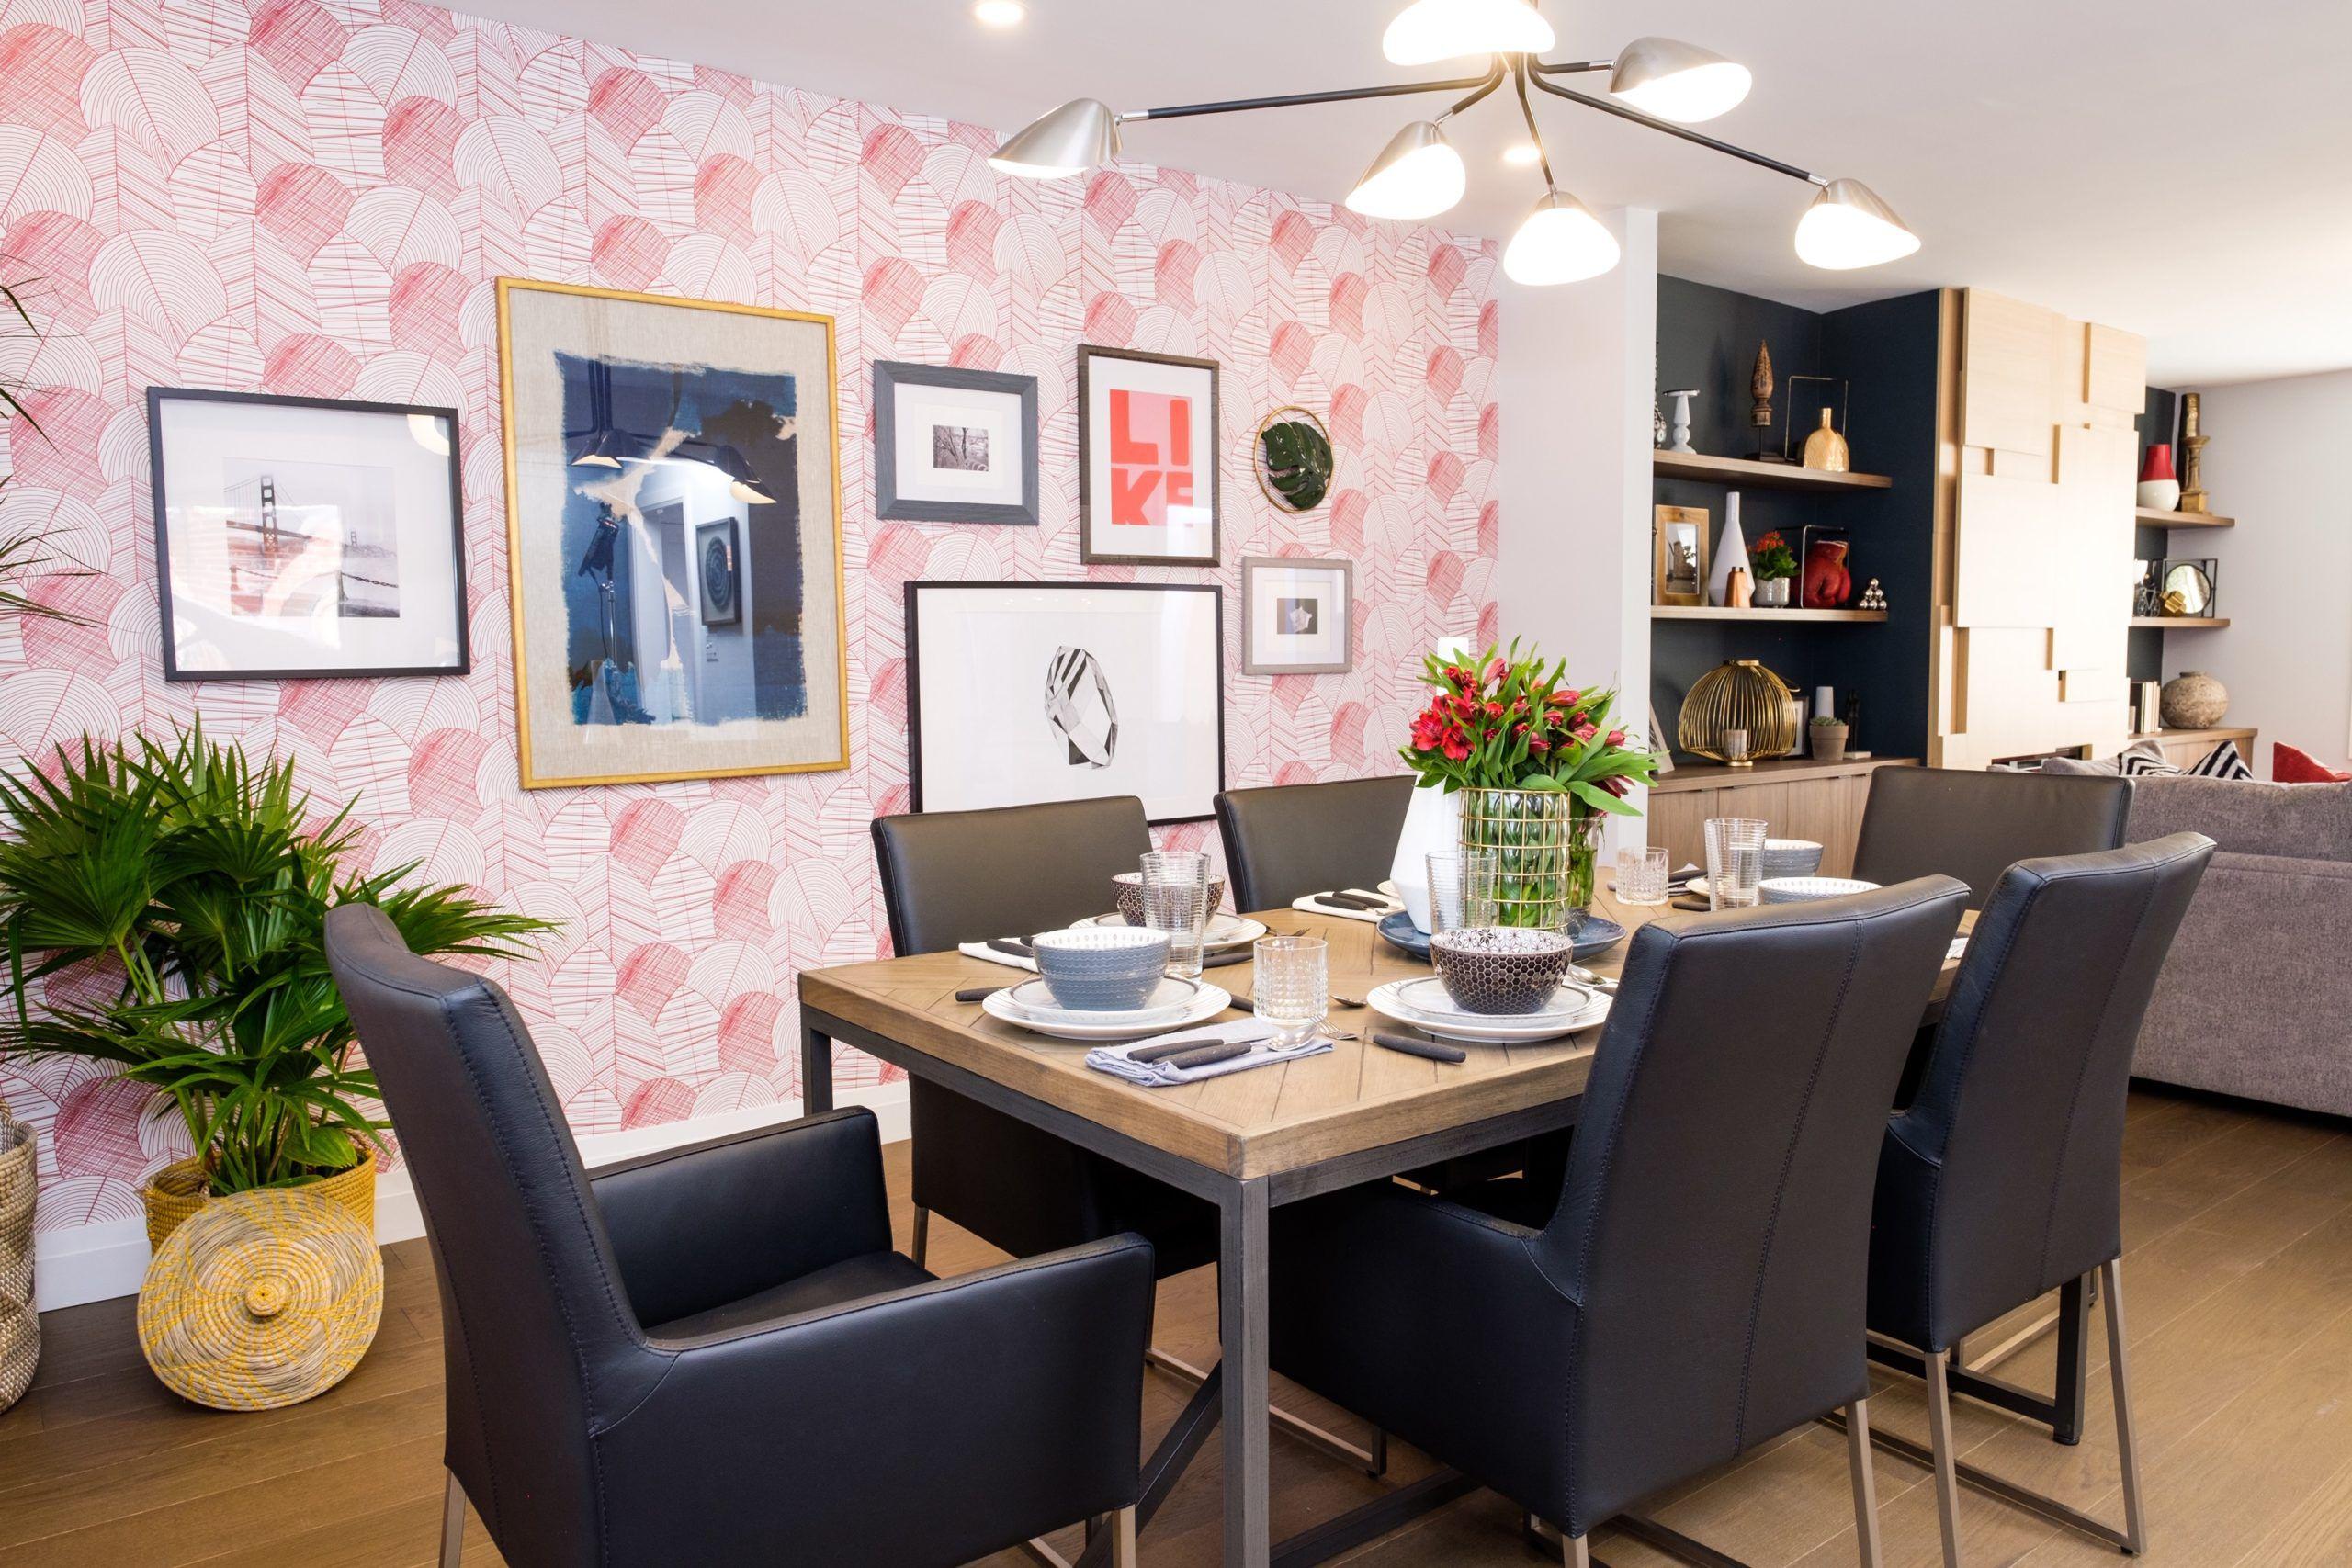 Dining Room Wallpaper •Byronian Hills